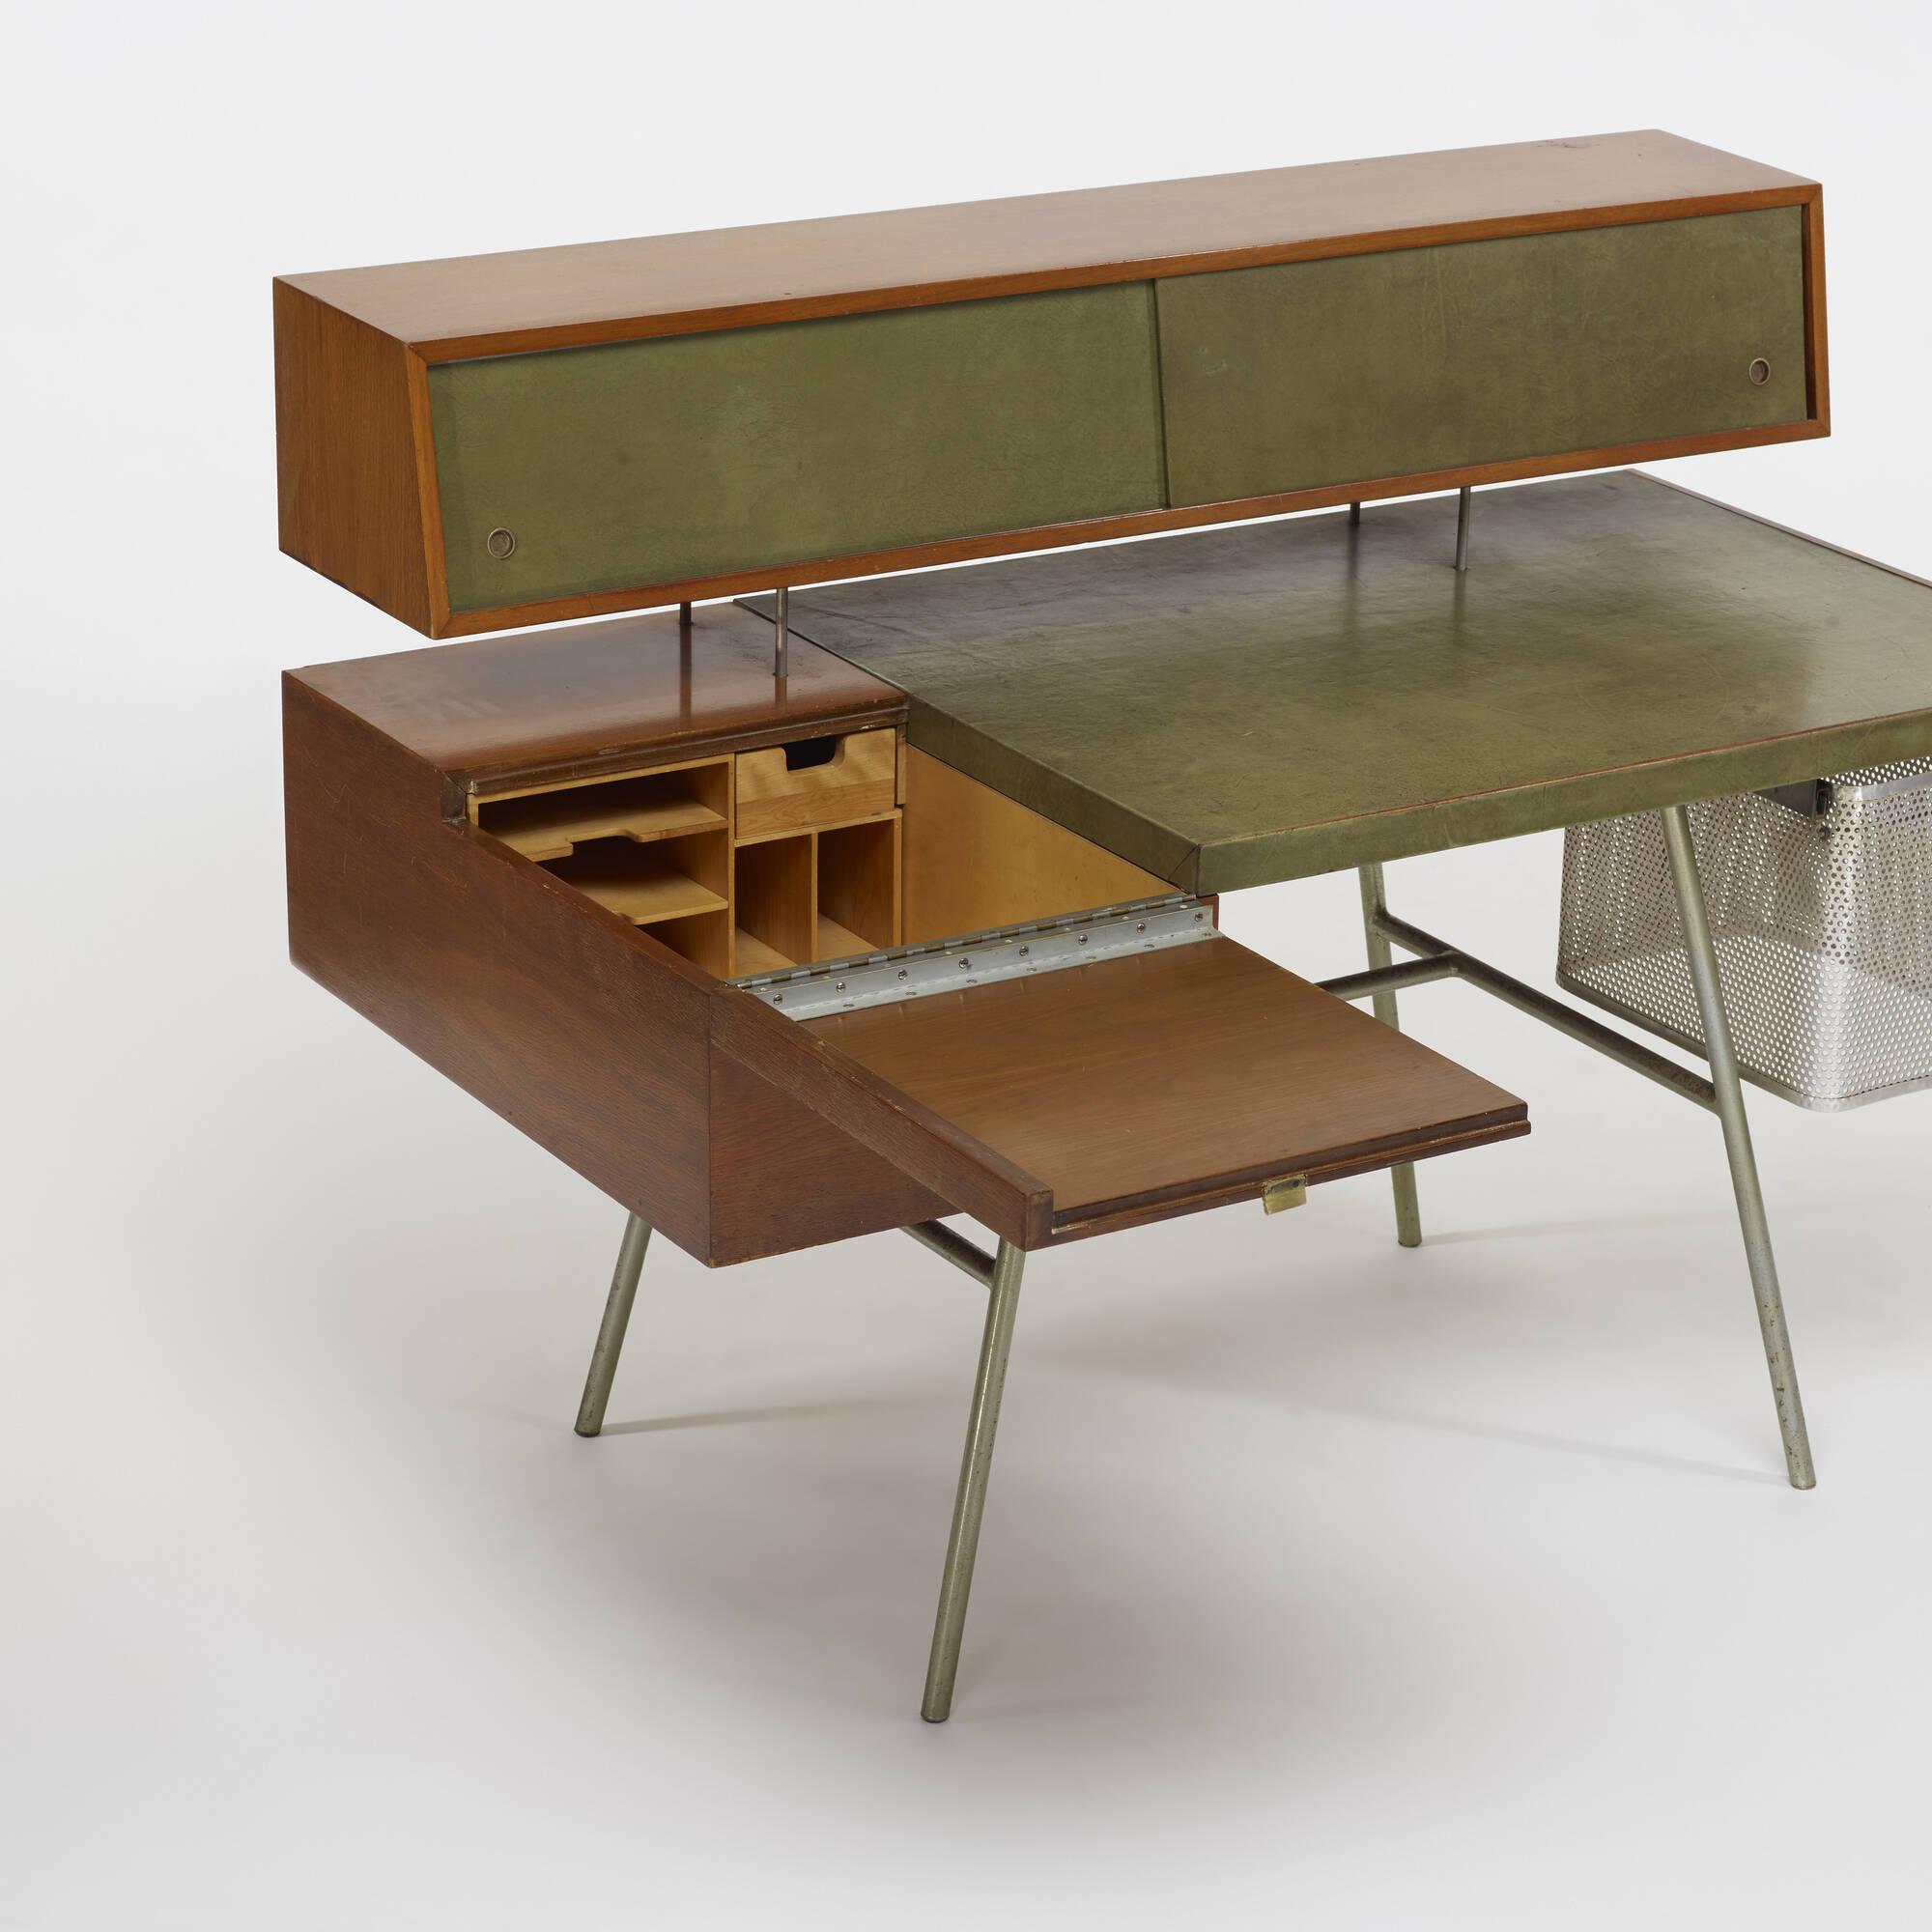 436 george nelson associates home office desk model 4658. Black Bedroom Furniture Sets. Home Design Ideas